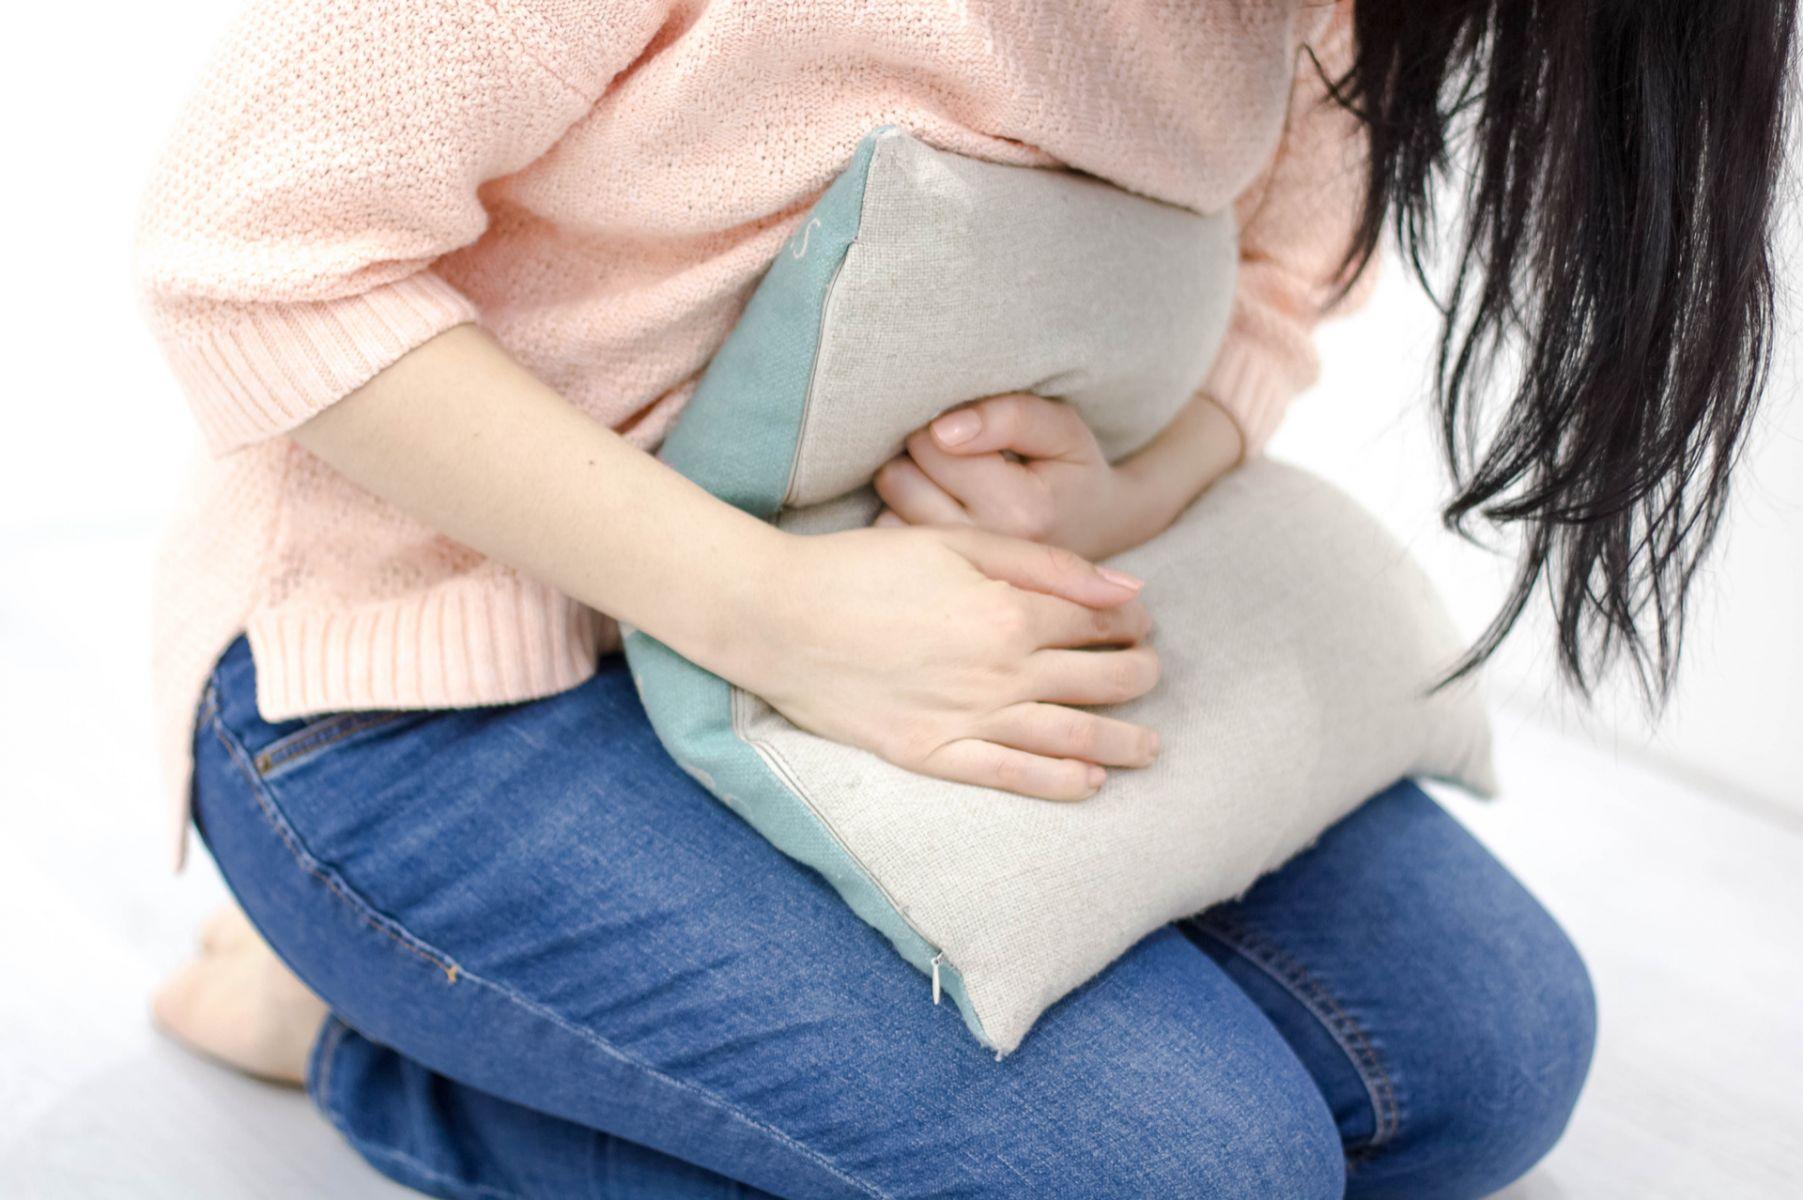 胃痛和腹痛如何區分?該緊急就醫或自我緩解?醫師完整教學!